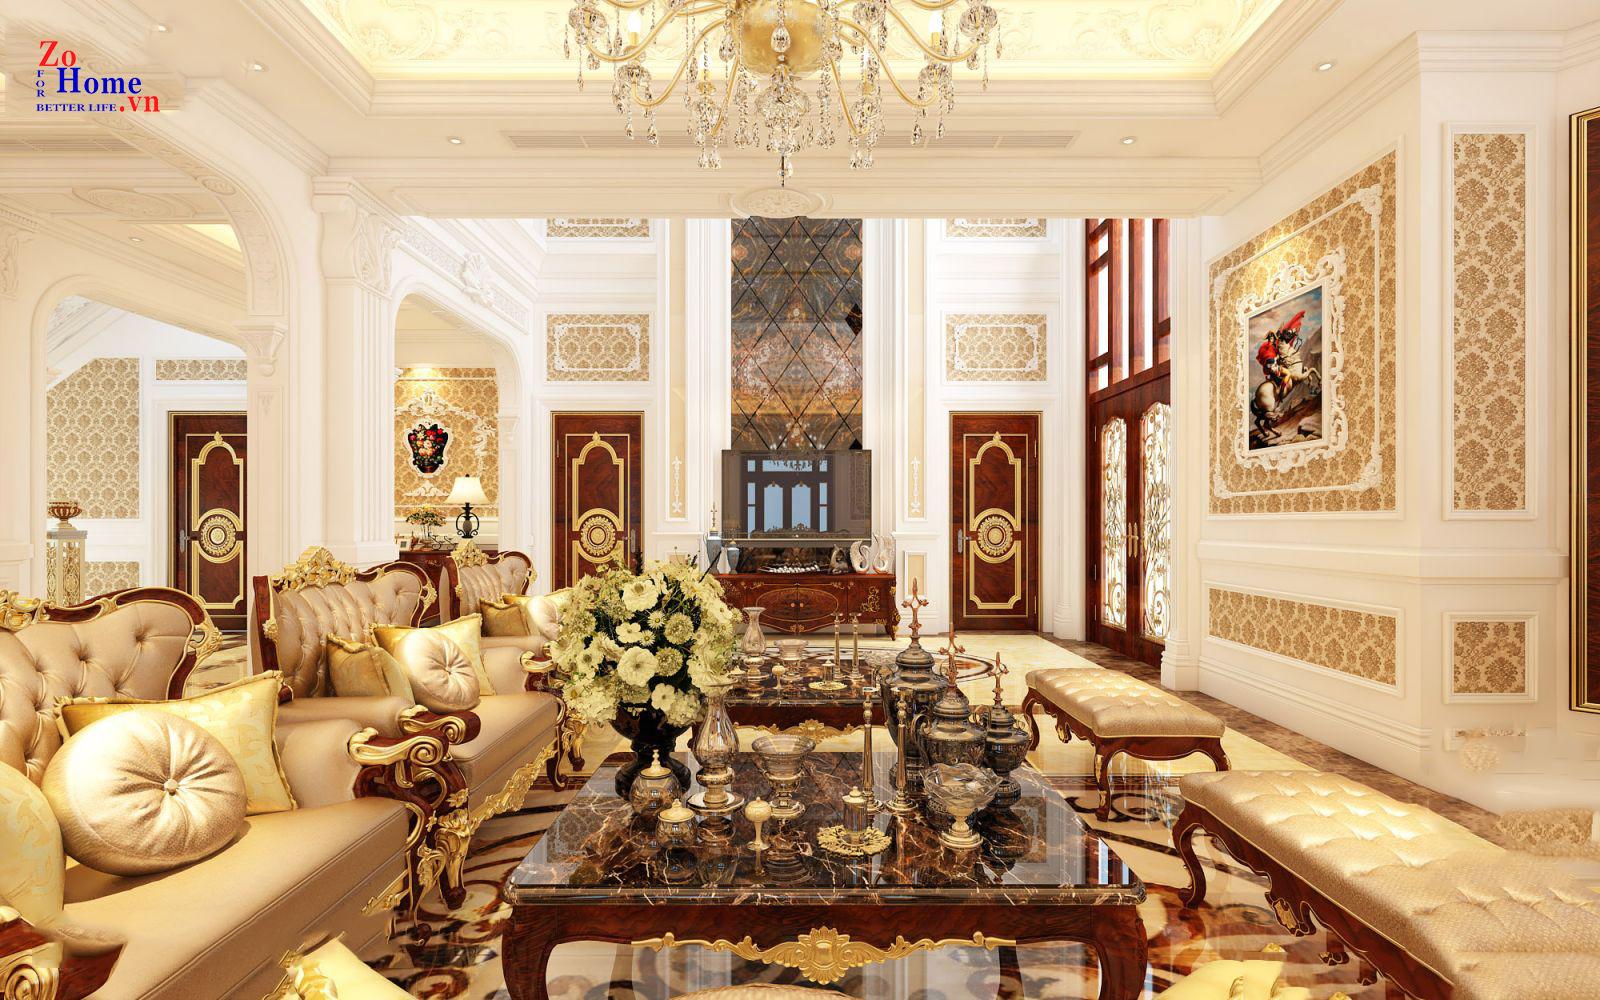 Xu hướng sử dụng màu sắc trong thiết kế nội thất cho lâu đài, biệt thự